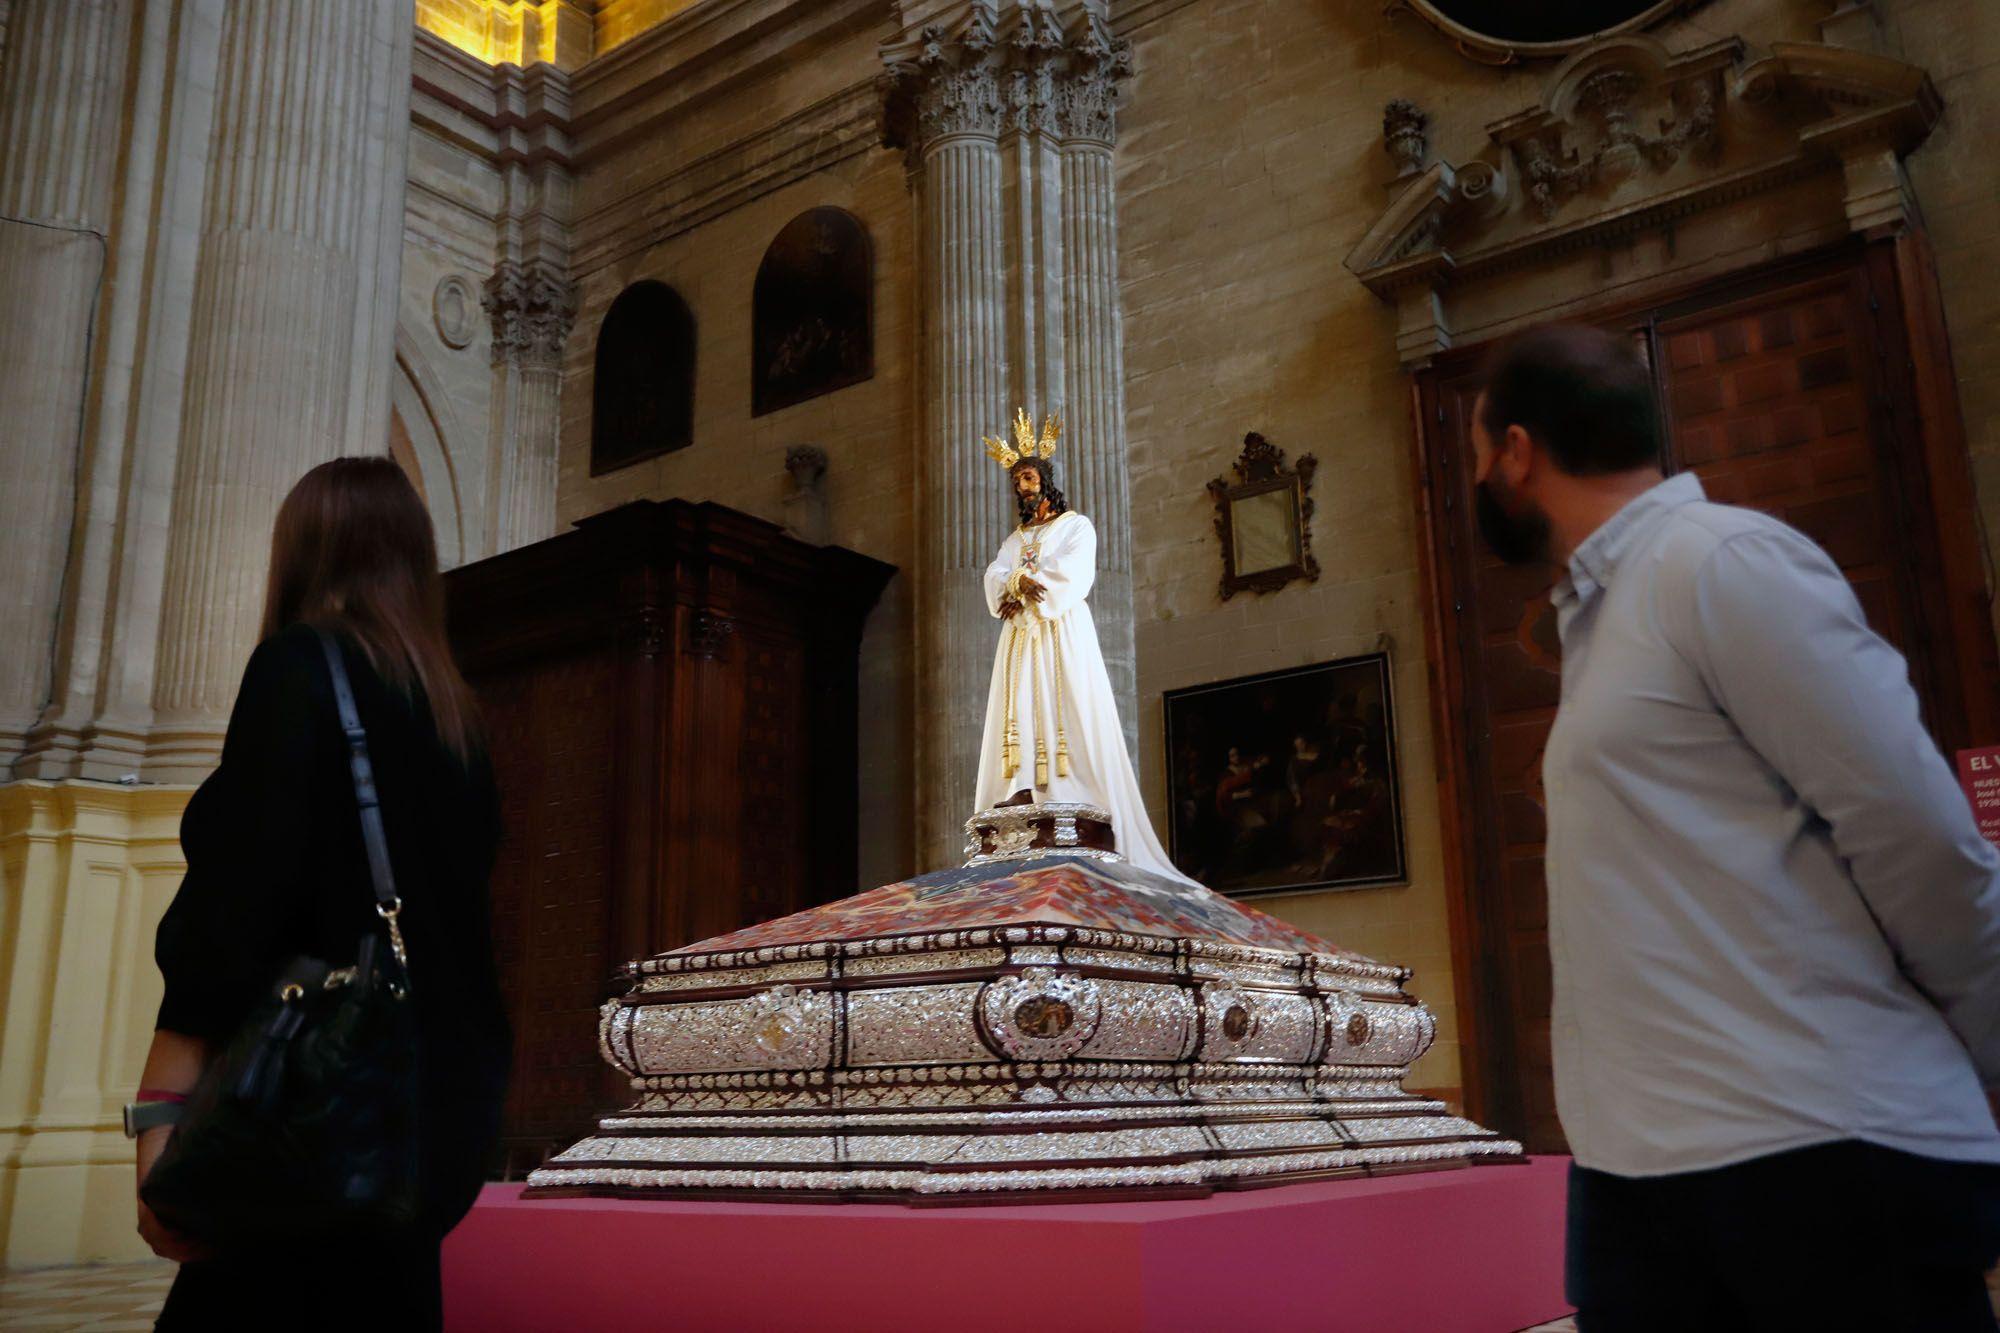 Las imágenes de la exposición 'El Verbo Encarnado' en la Catedral de Málaga